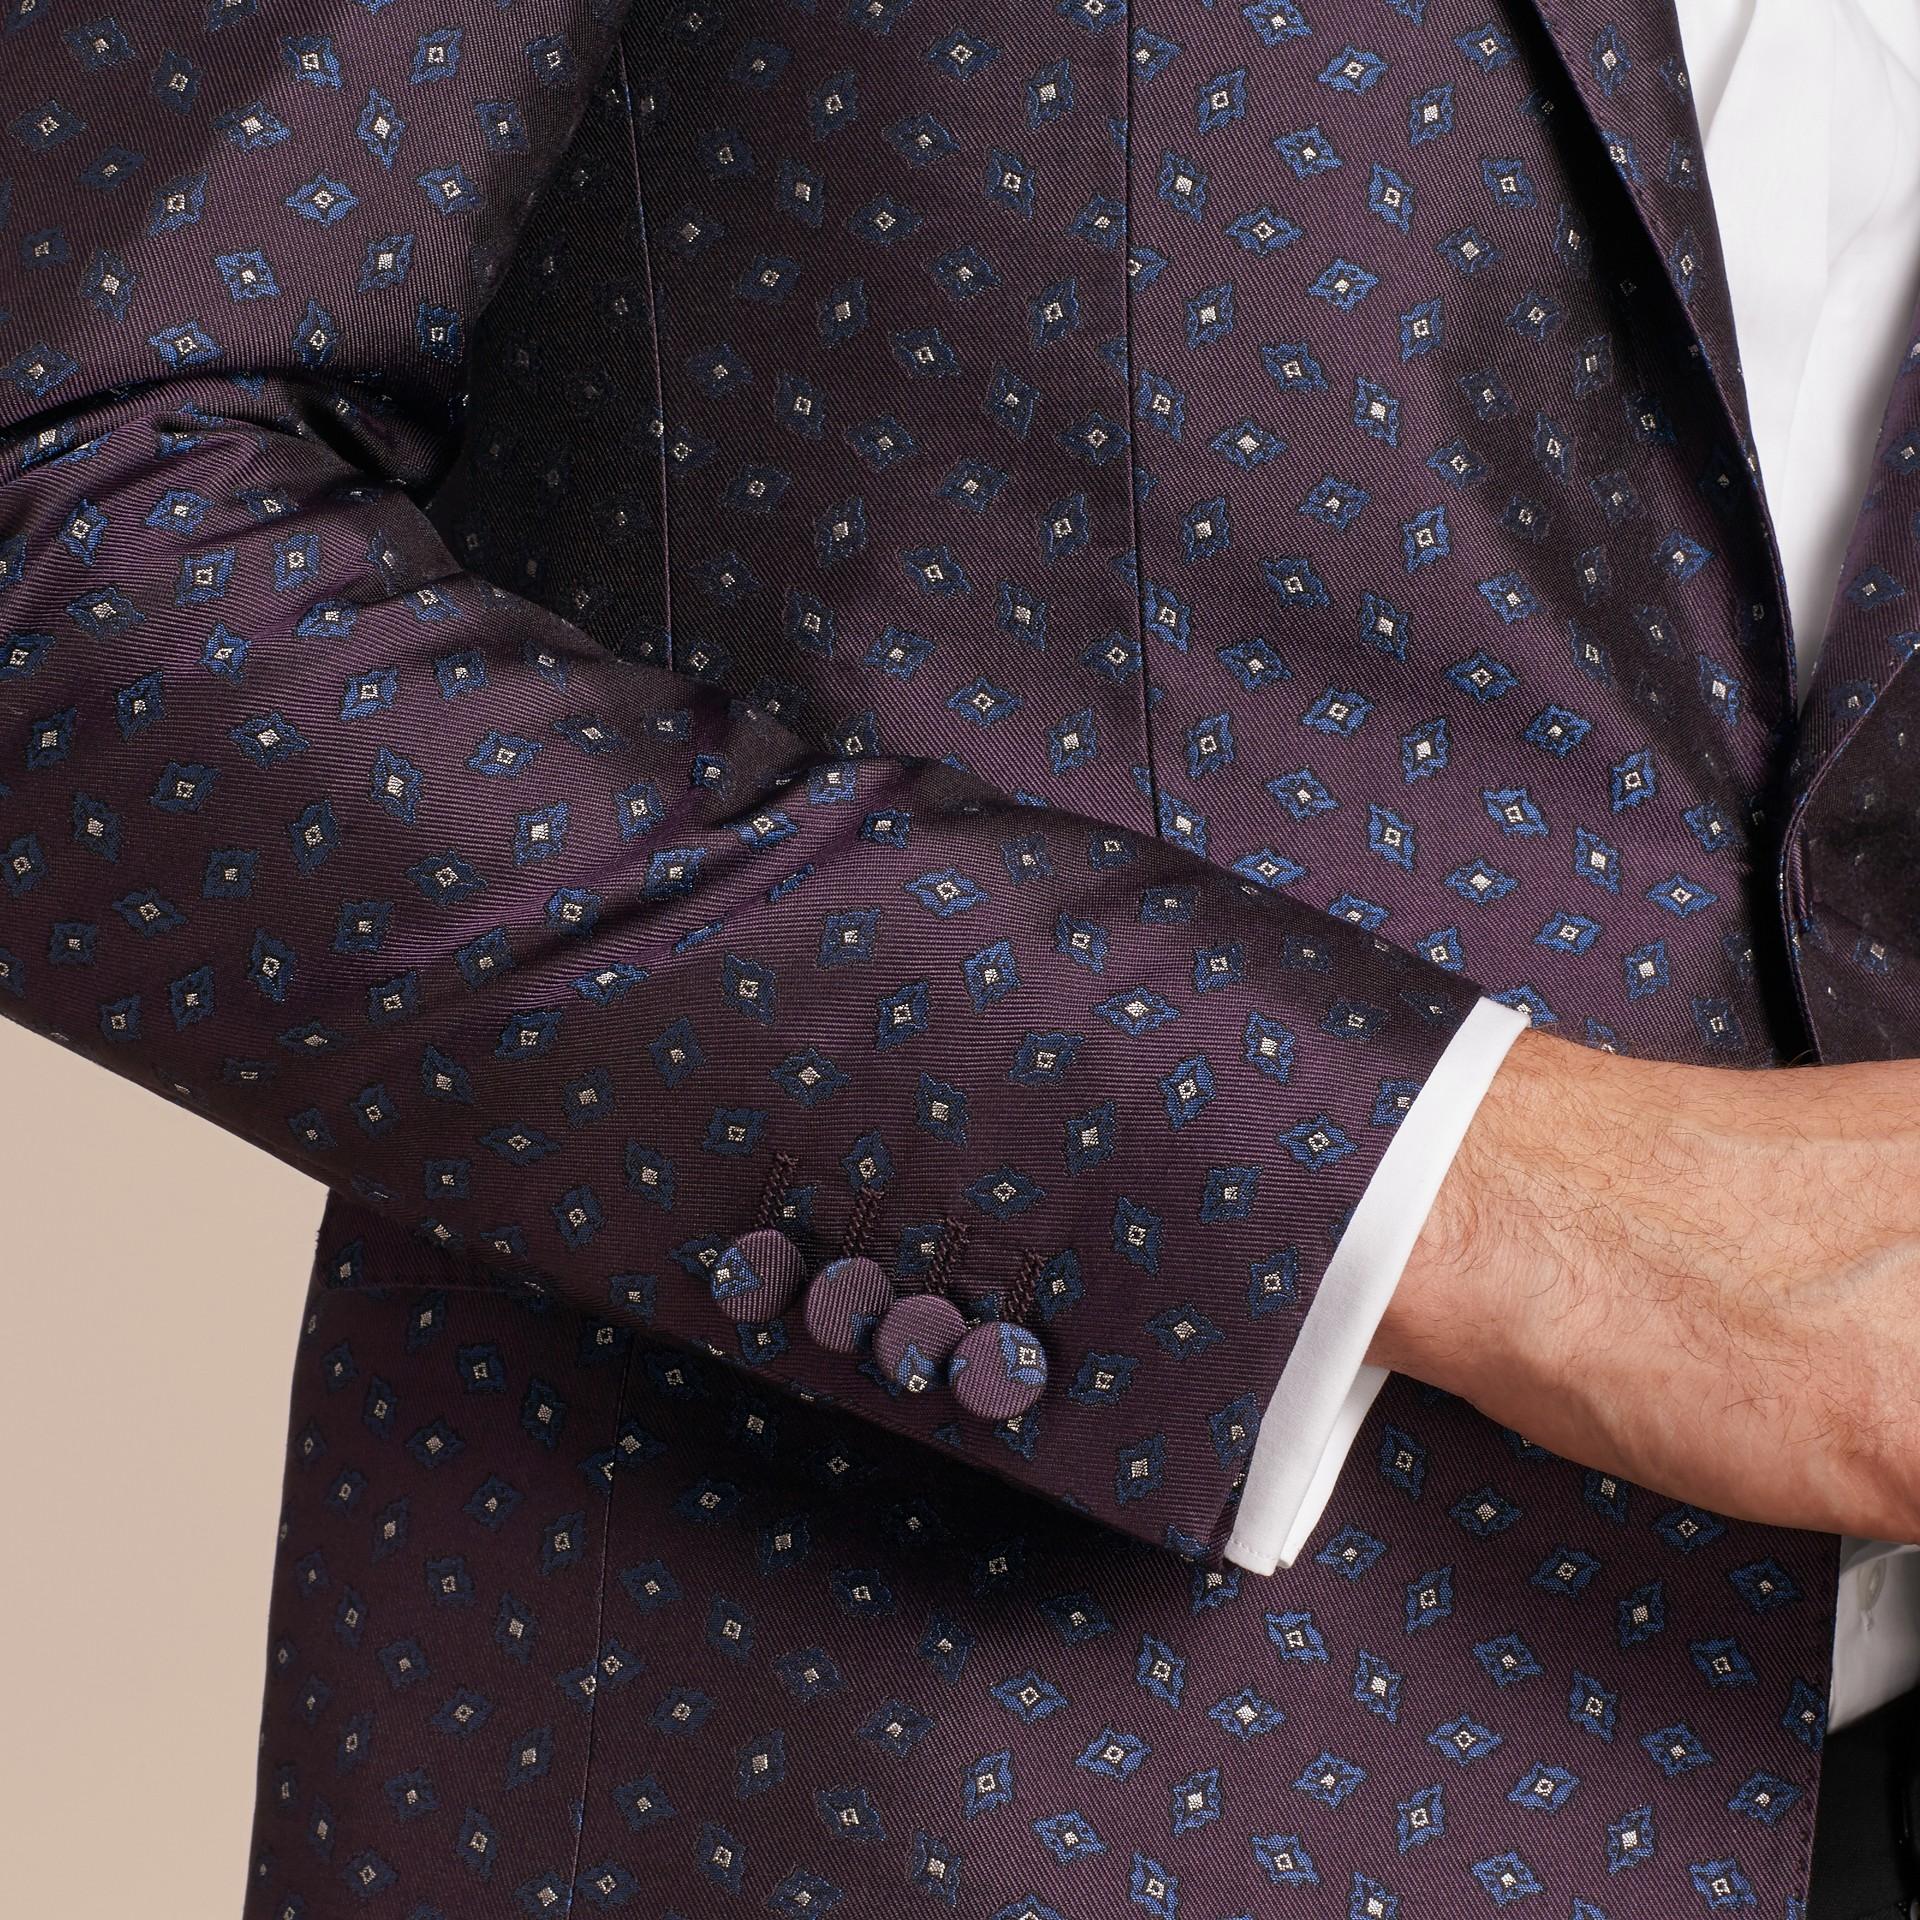 딥 오버진 슬림핏 지오메트릭 실크 자카드 테일러드 재킷 - 갤러리 이미지 6